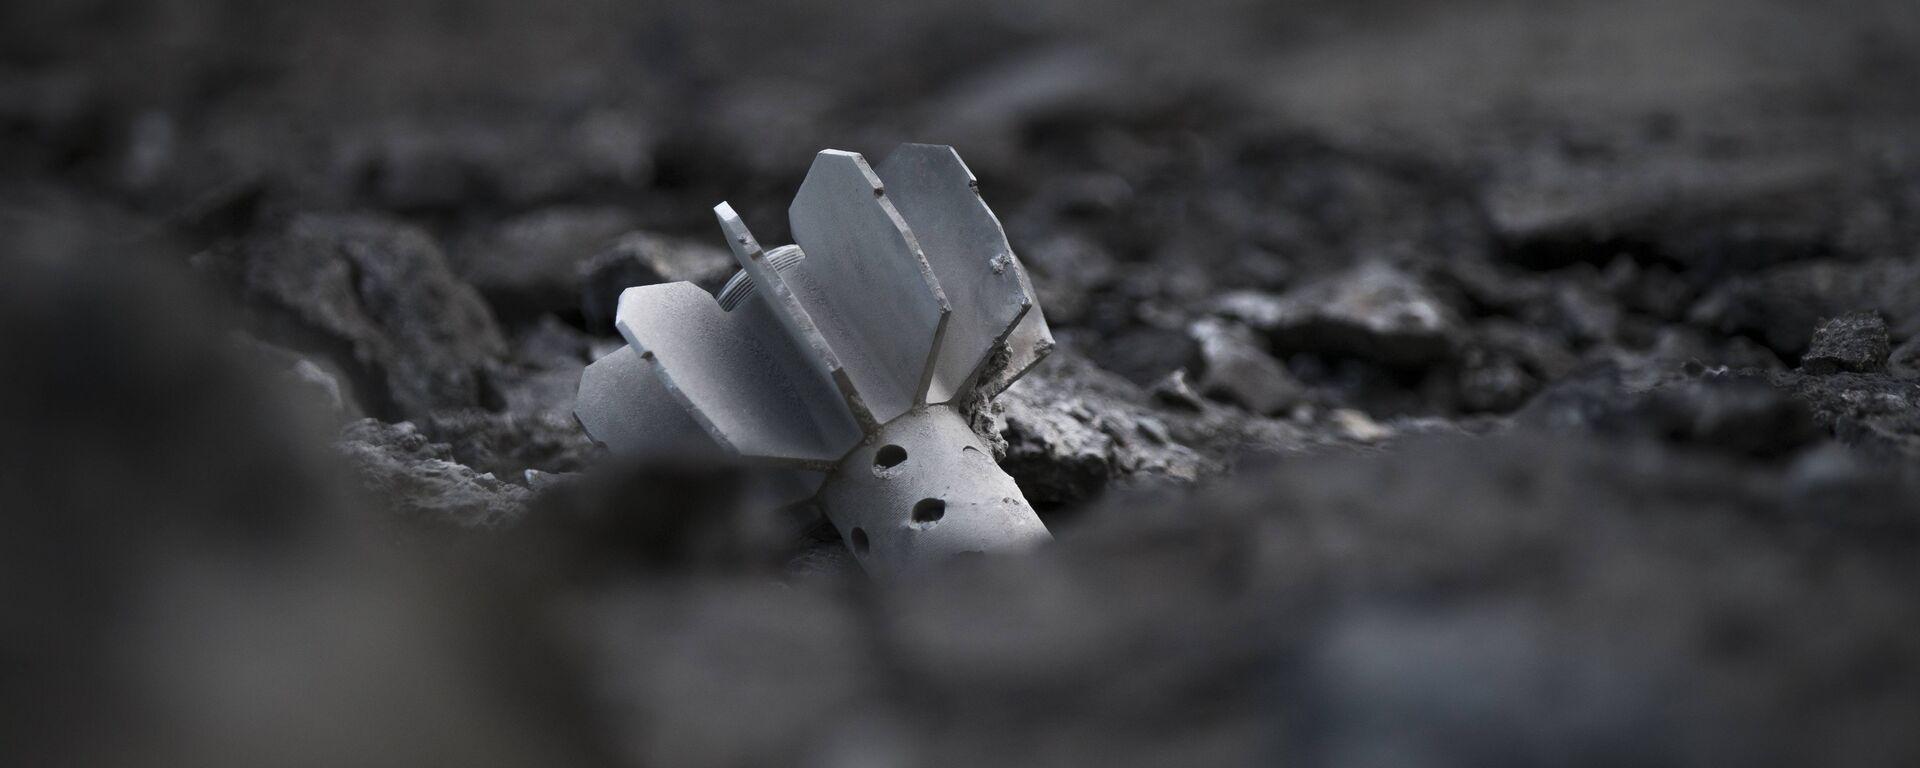 Una parte del guscio di un mortaio a Slovyansk, Ucraina, lunedì 26 maggio 2014 - Sputnik Italia, 1920, 30.05.2021